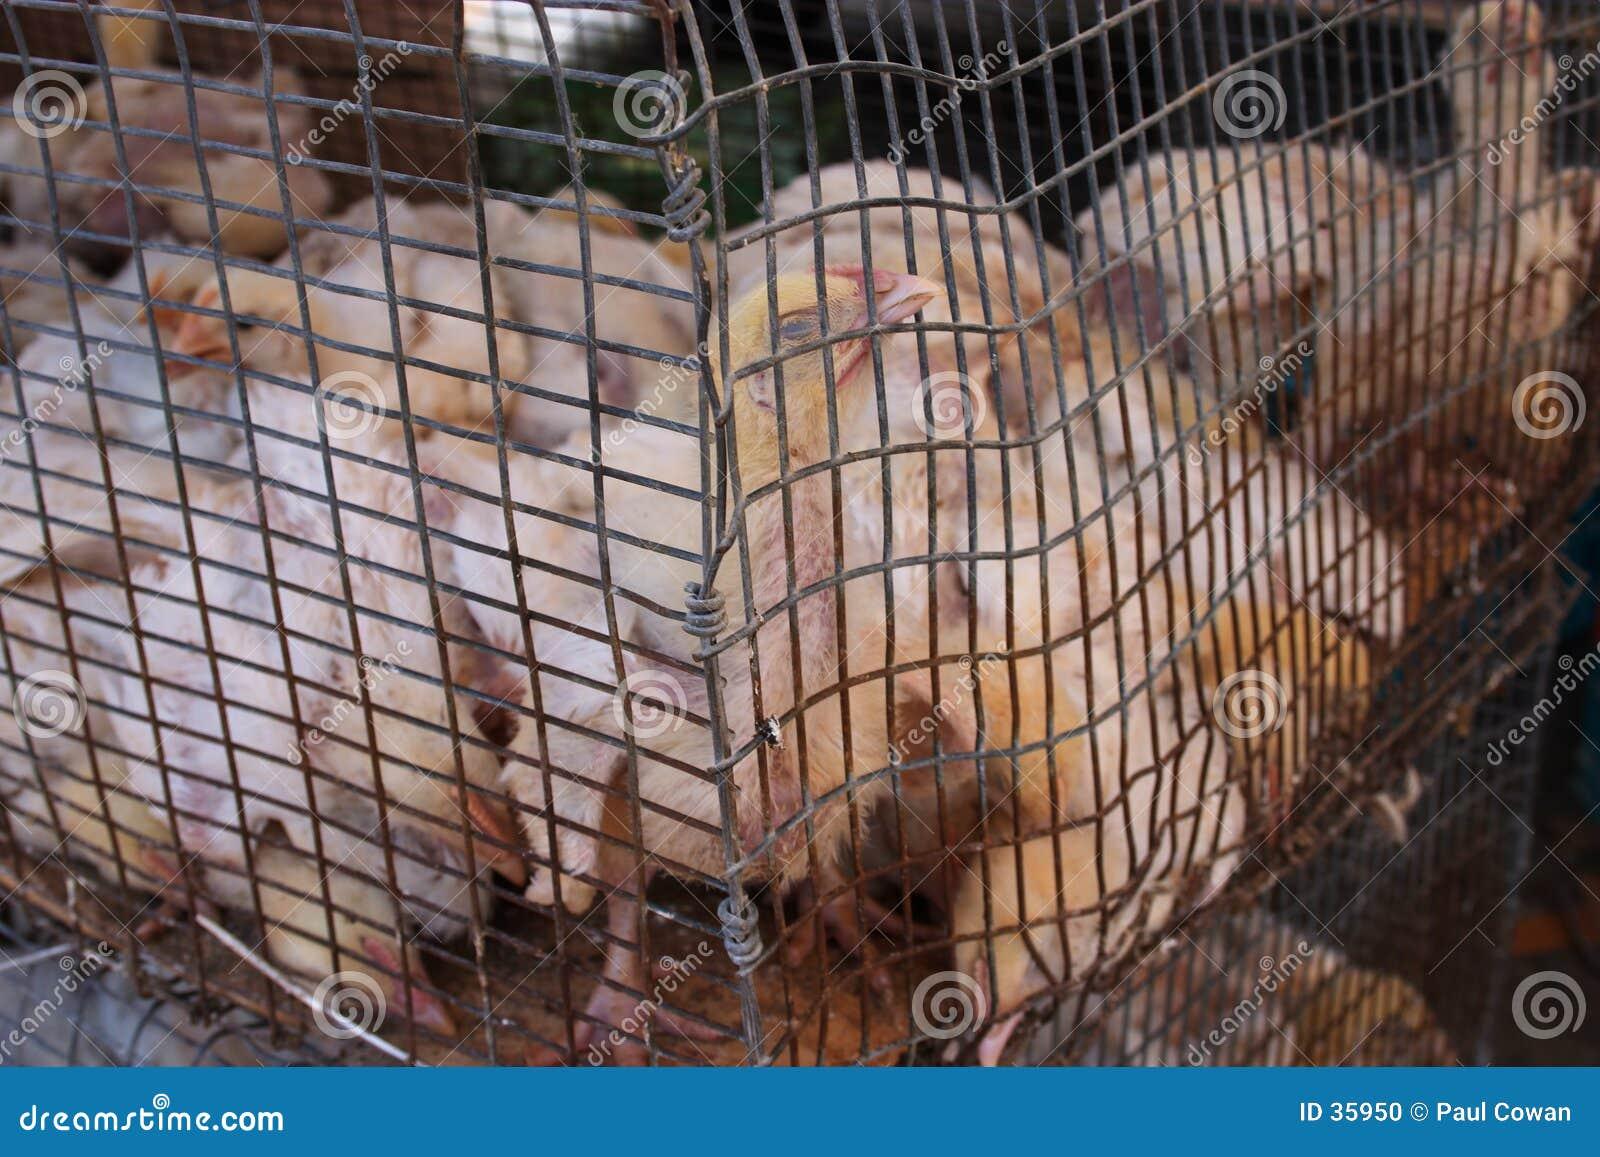 Download Pollos abusados foto de archivo. Imagen de jaula, pollo - 35950